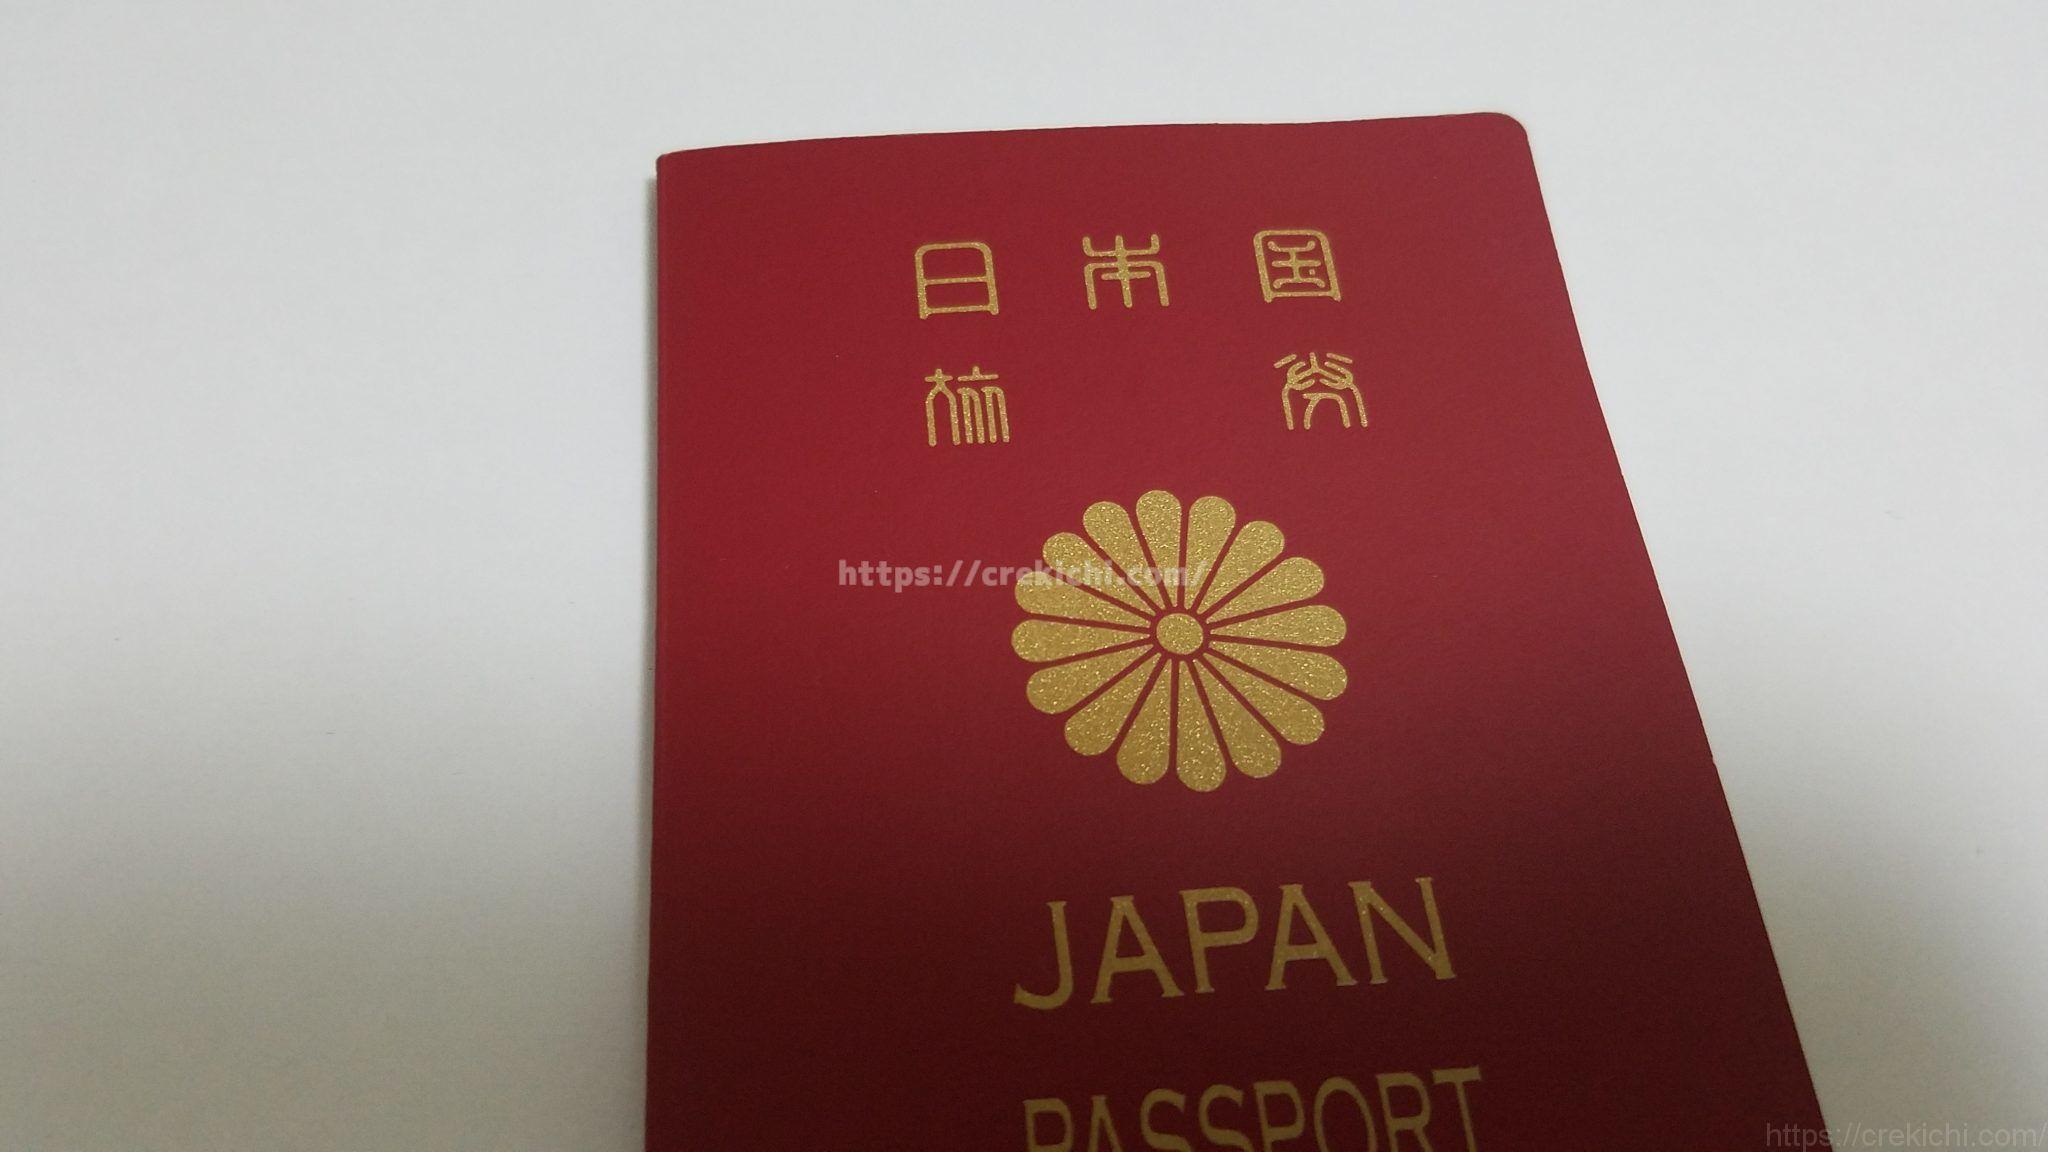 携行品損害 保険金請求用 パスポートコピー